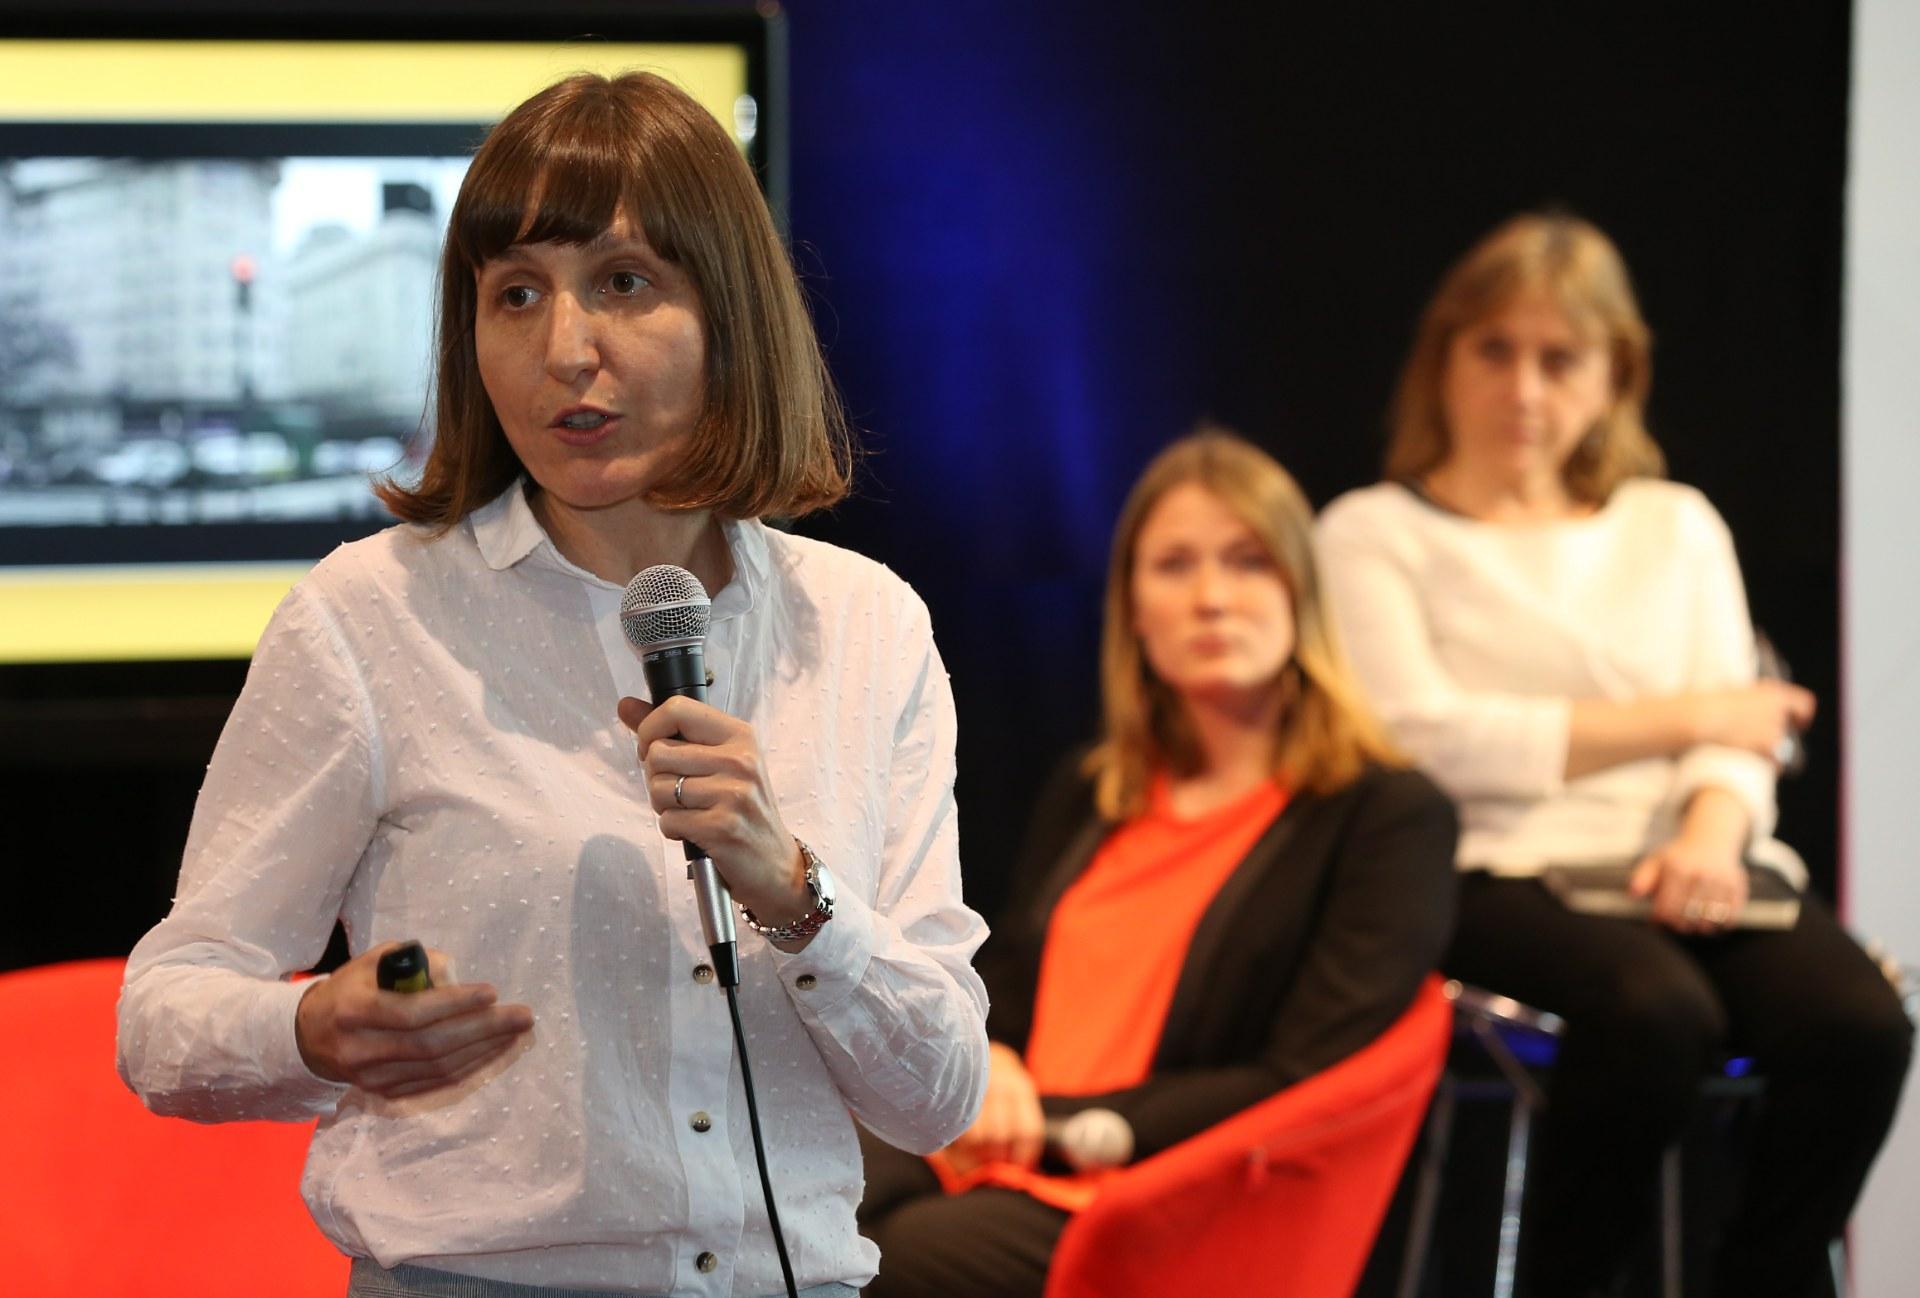 Sonia Jalfin expuso sus vasto conocimiento sobre comunicación en la agenda de actividades de UPWARD Women Argentina (Agustín Marcarian)